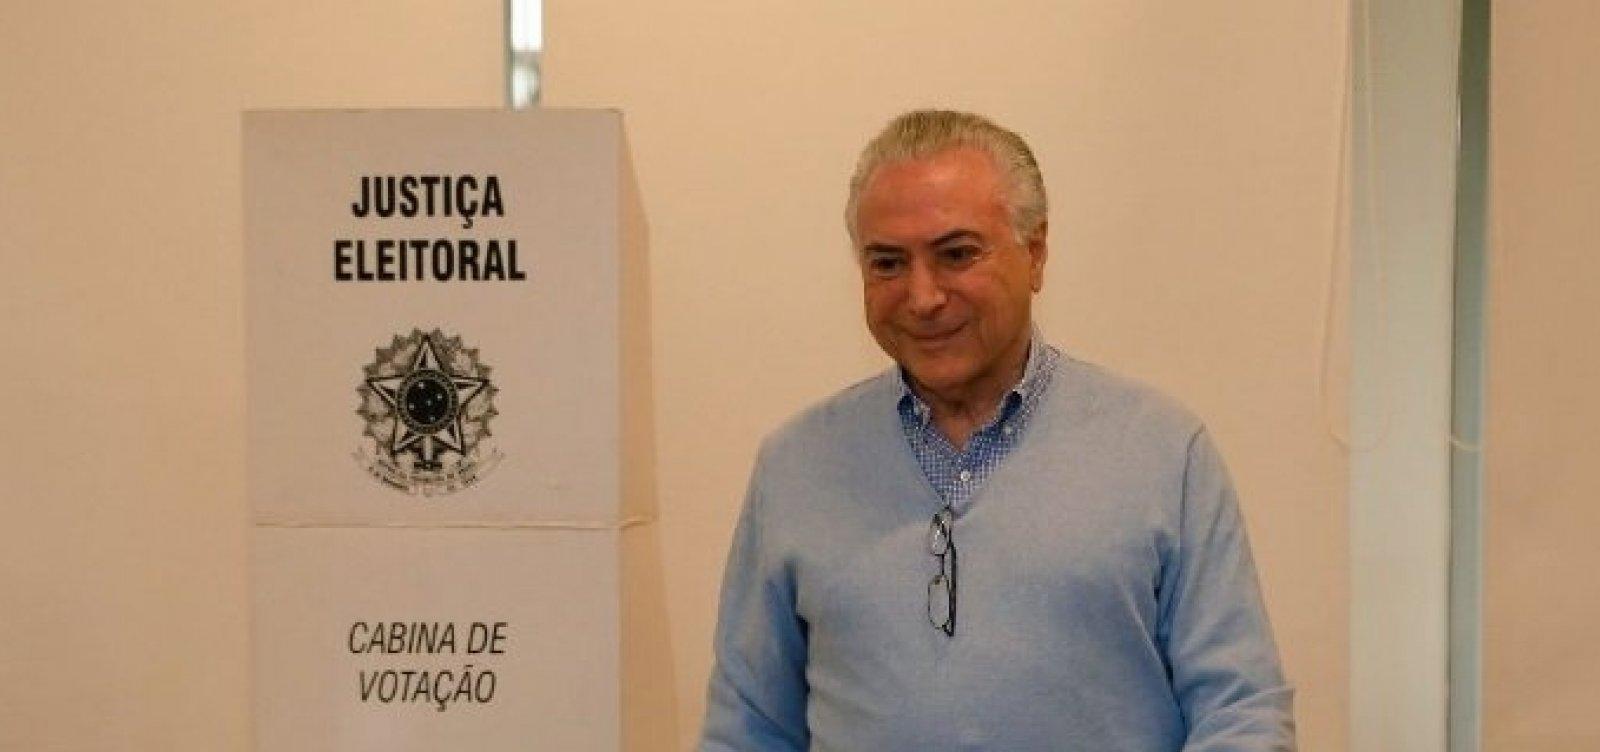 'Depois de terminado o pleito, todos os brasileiros vão se unir', diz Temer